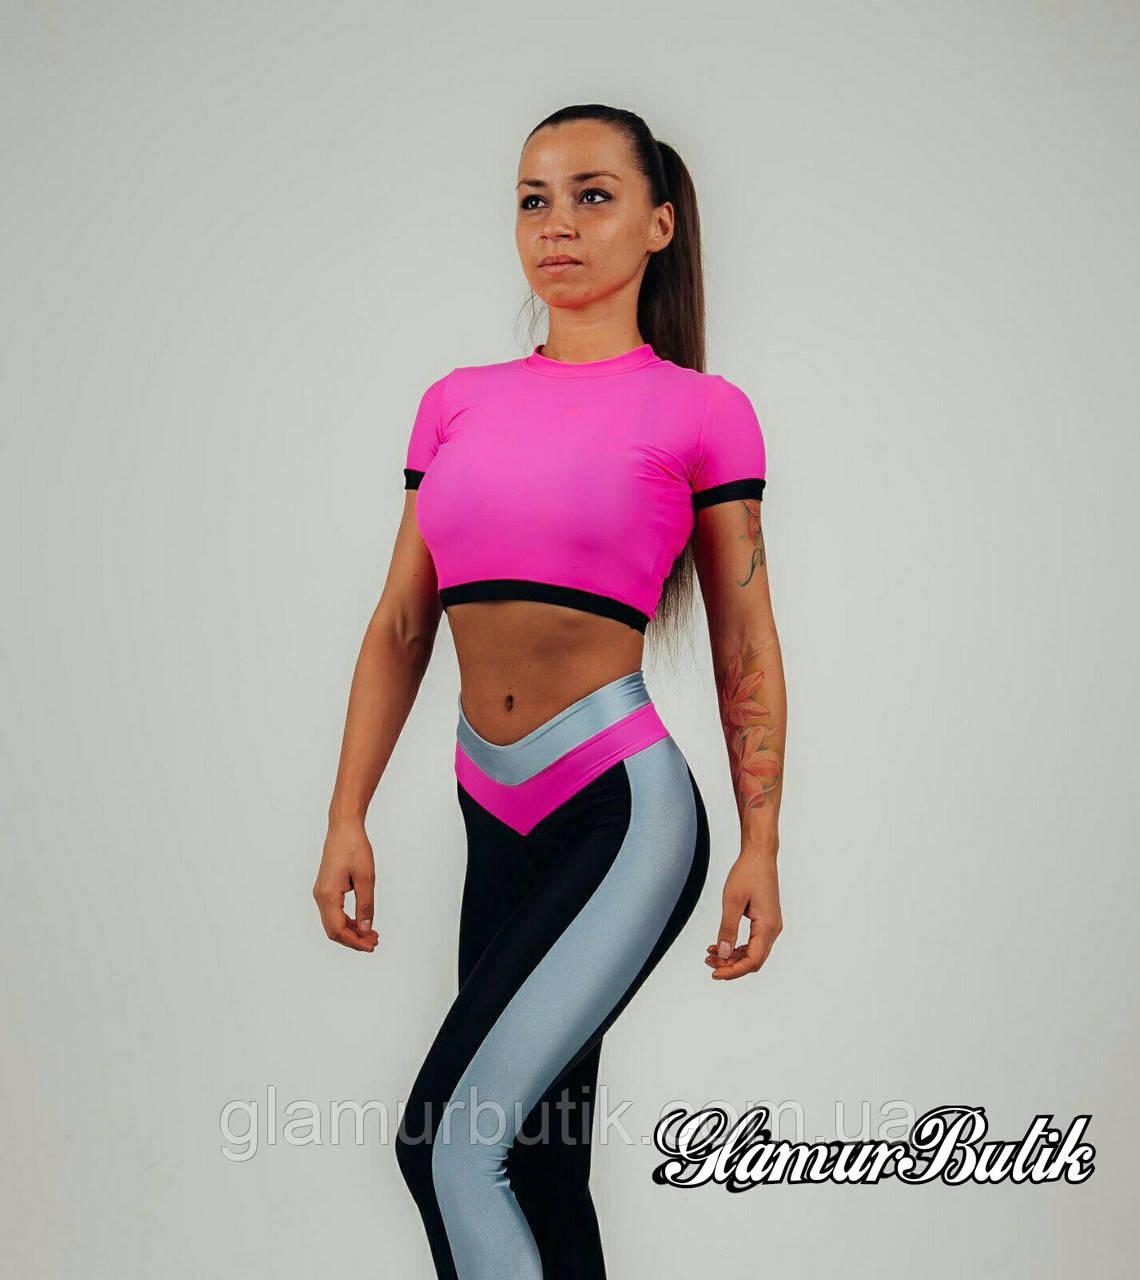 Спортивный фитнес костюм двойка спортивный топ лосины легинсы малиновый -  GlamurButik - женская одежда оптом и db5b796505c